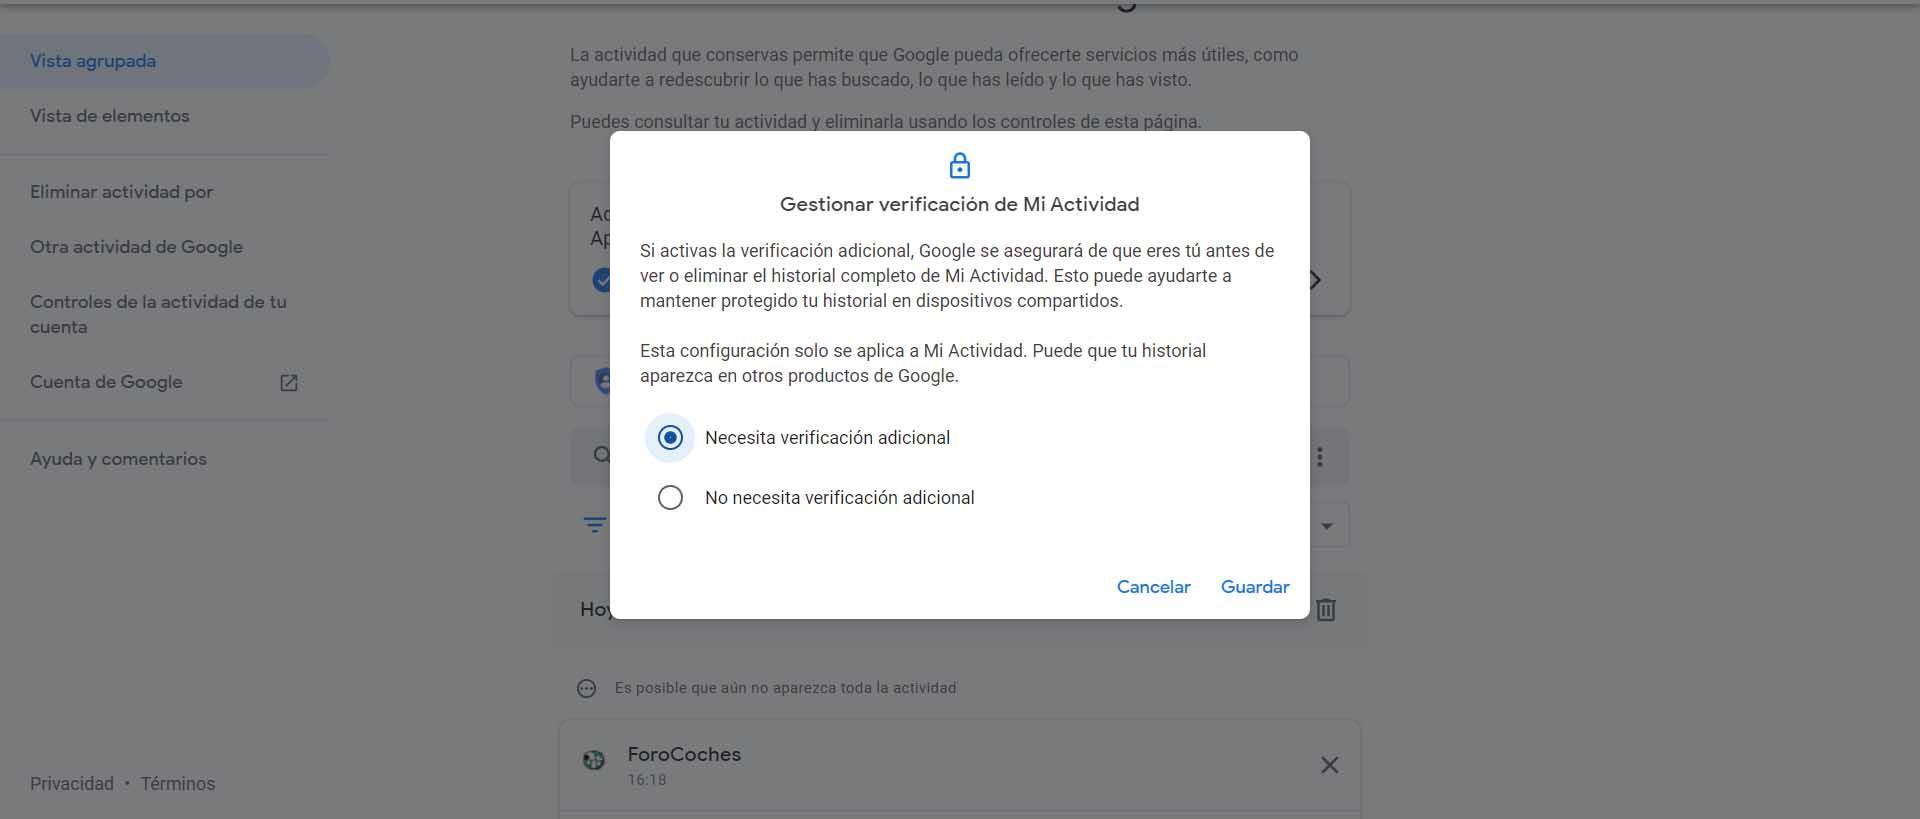 Verificación adicional Google